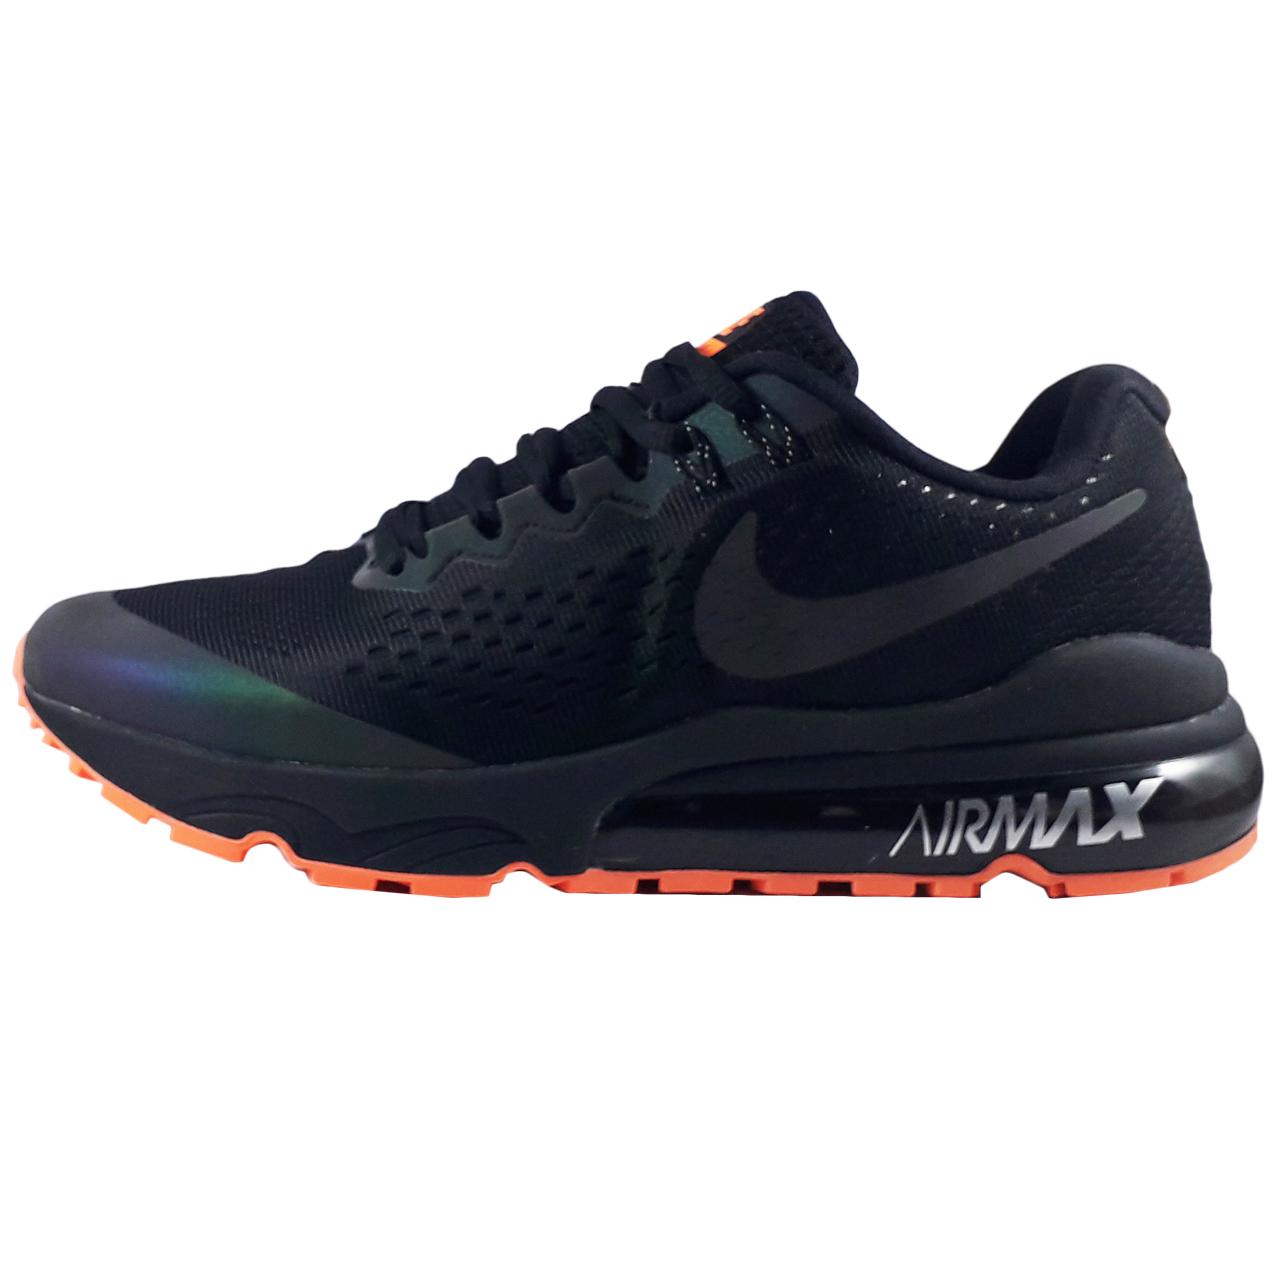 کفش ورزشی مخصوص دویدن و پیاده روی مردانه نایکی مدل  Air Max 2017 Black Orange